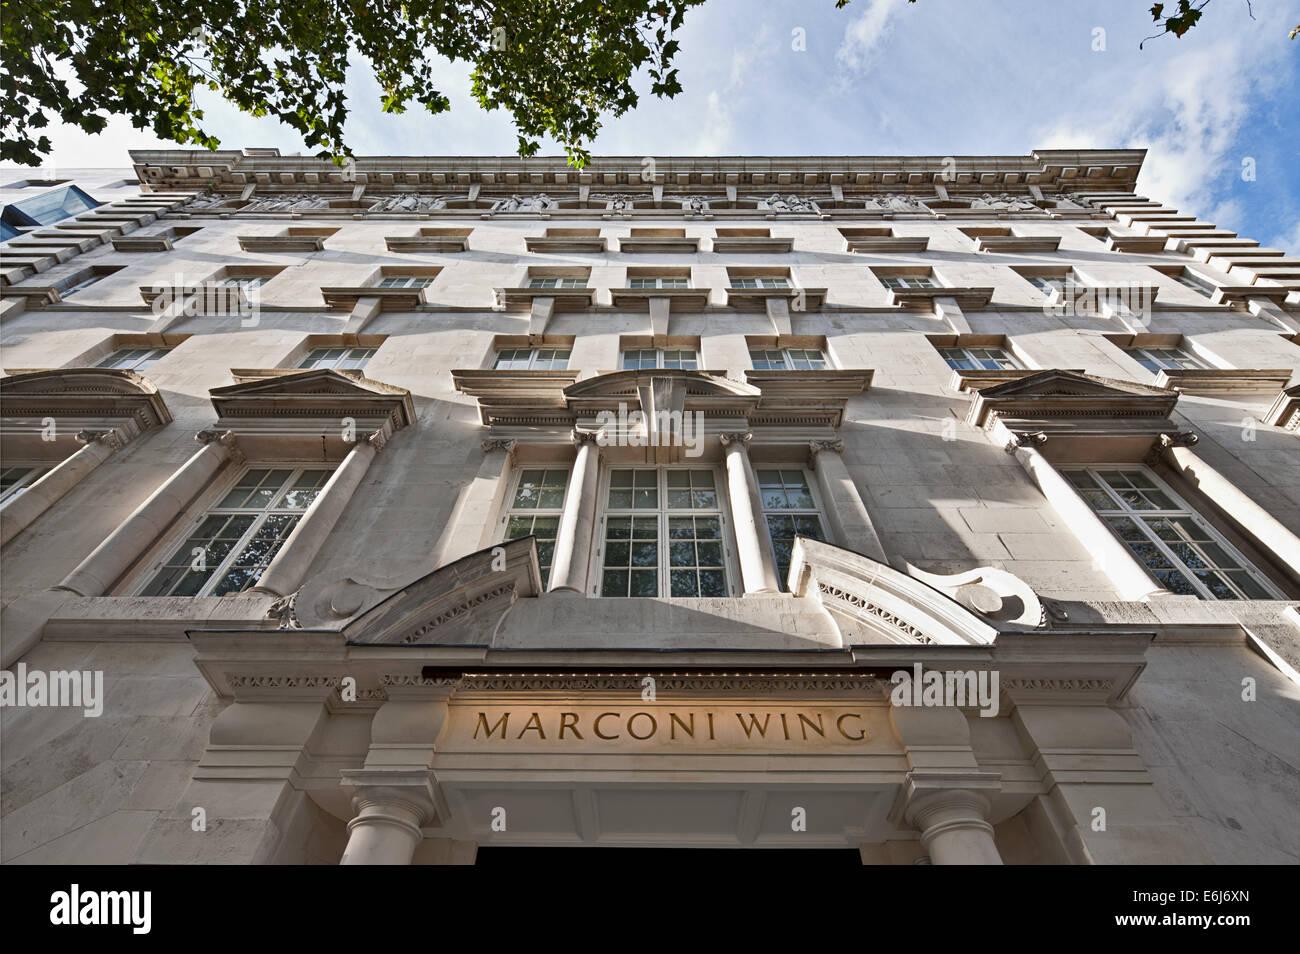 Maison Marconi - un développement résidentiel dans le Strand, London Photo Stock